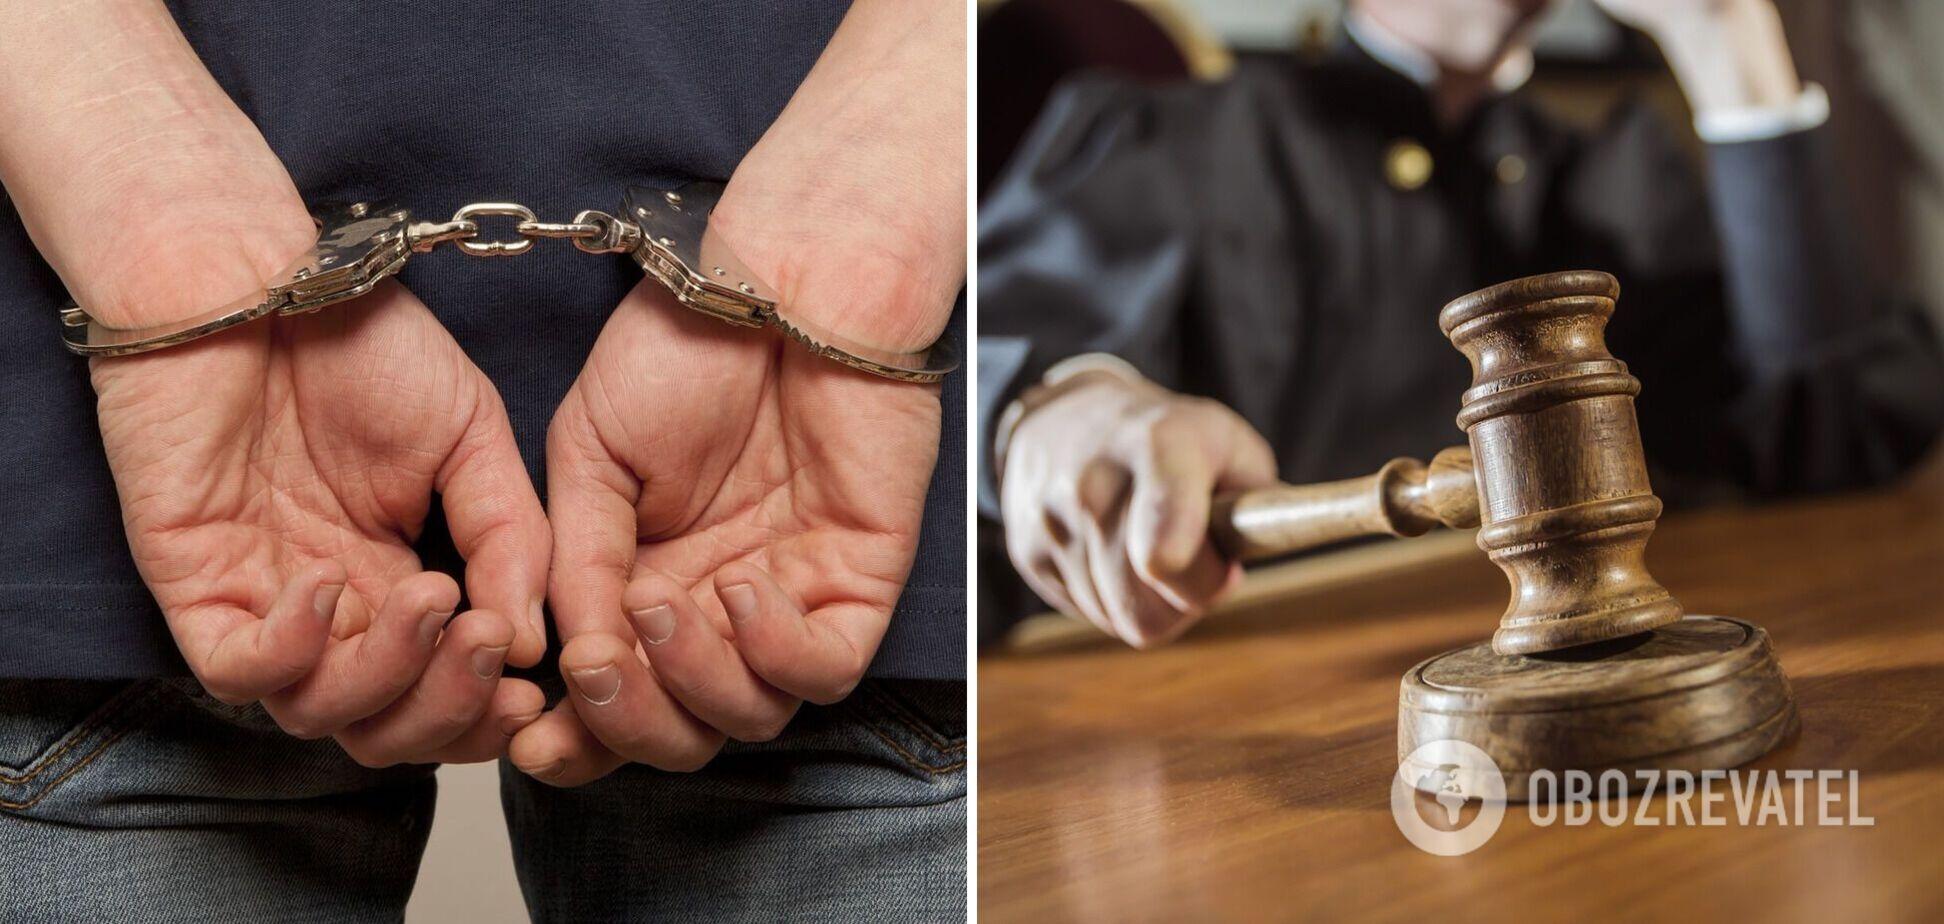 Пытались убить мать из-за денег: суд на Волыни отправил в тюрьму двух подростков